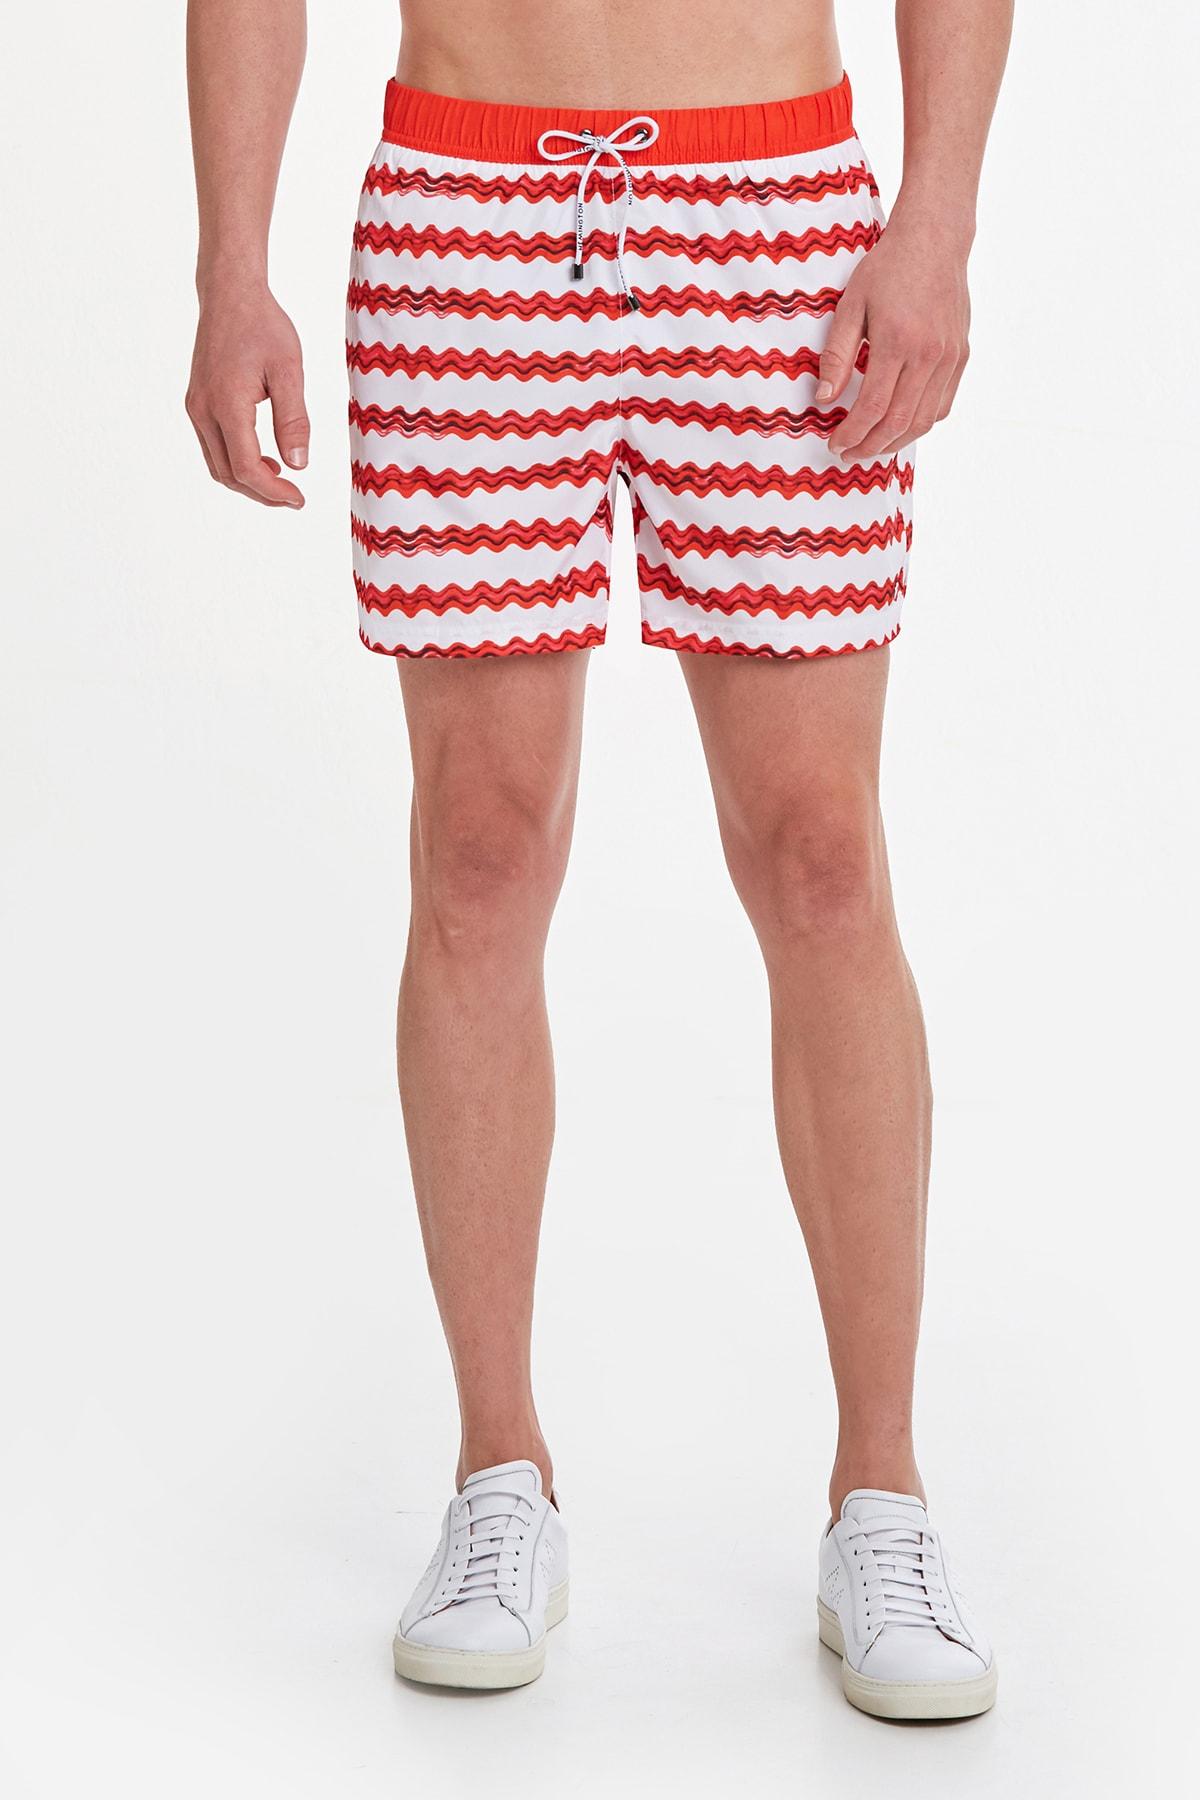 Hemington Erkek Kırmızı Desenli Quick Dry Şort Mayo 2